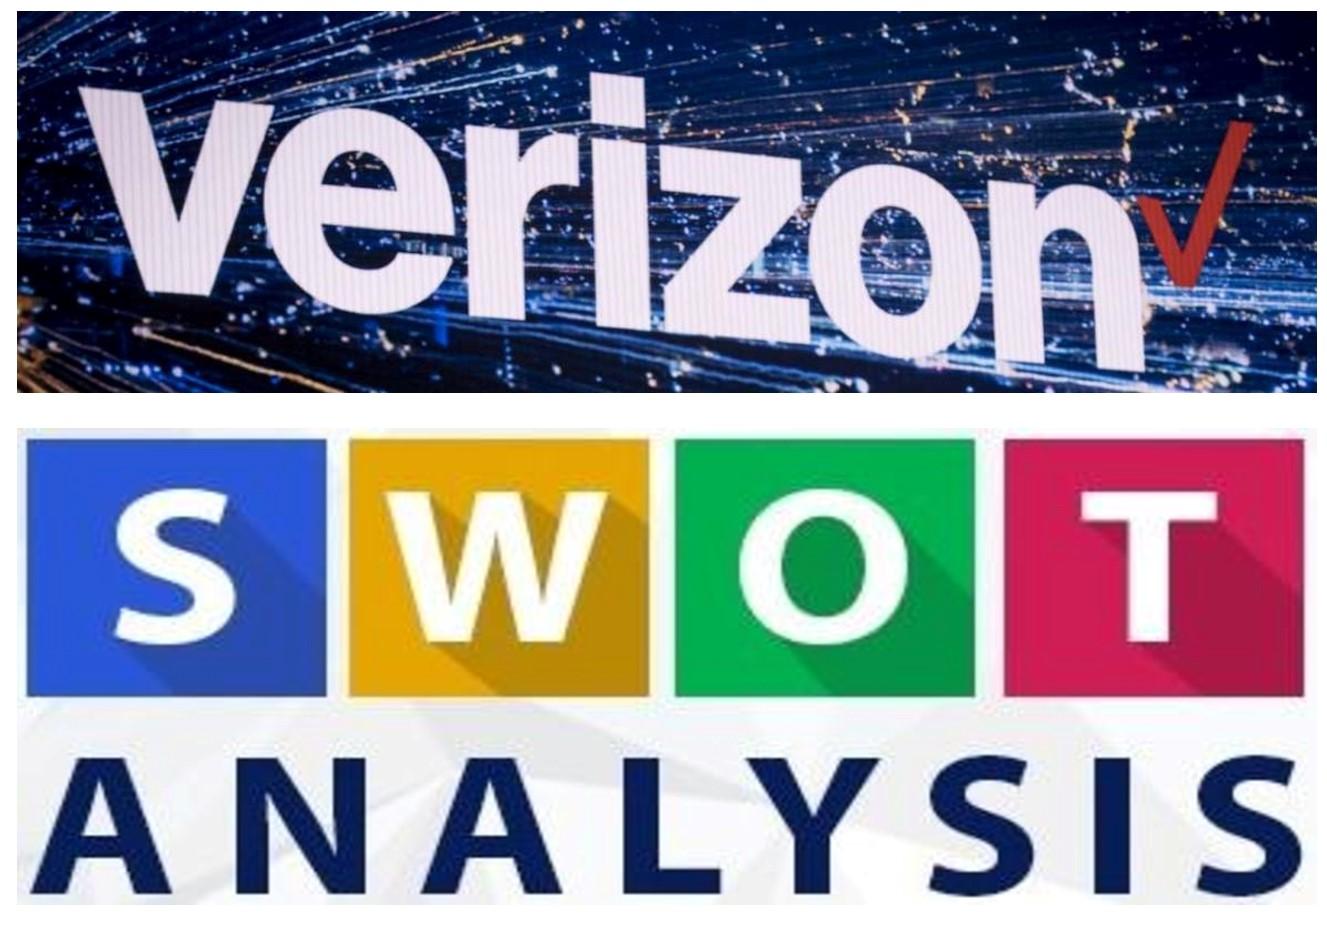 SWOT Analysis of Verizon